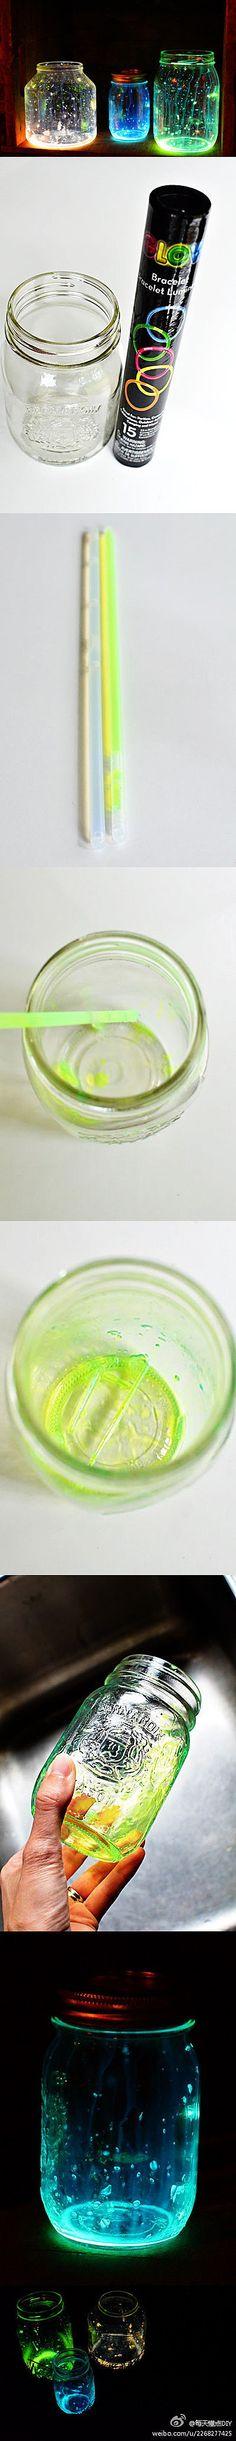 Leuchtende Gläser anhand vom Innern der Leuchtstäbli